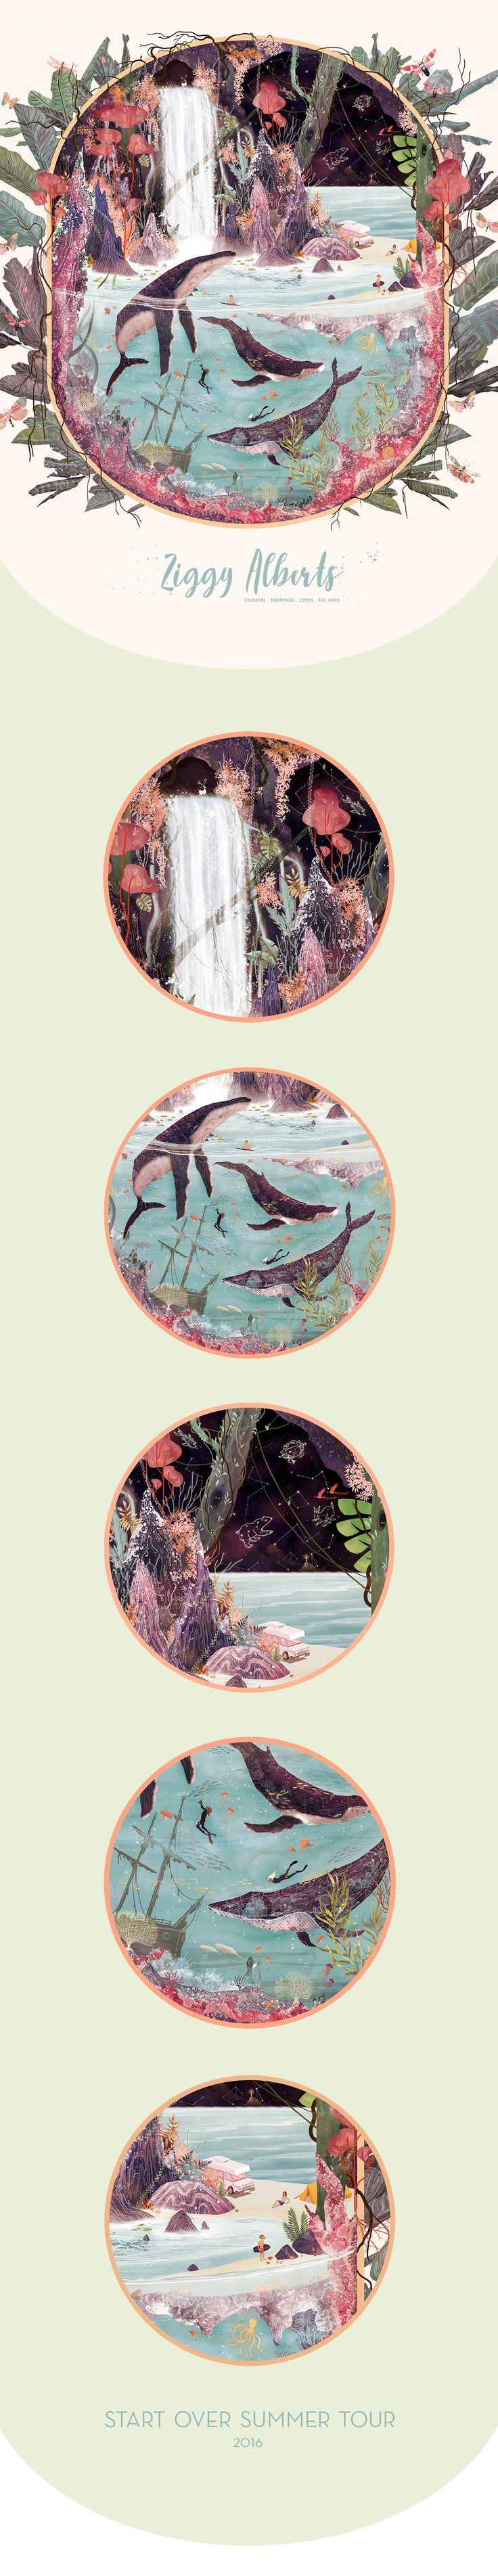 Ziggy Alberts - Start Over Summer Tour Artwork 2016 on Behance  - Illustration by Svabhu Kohli